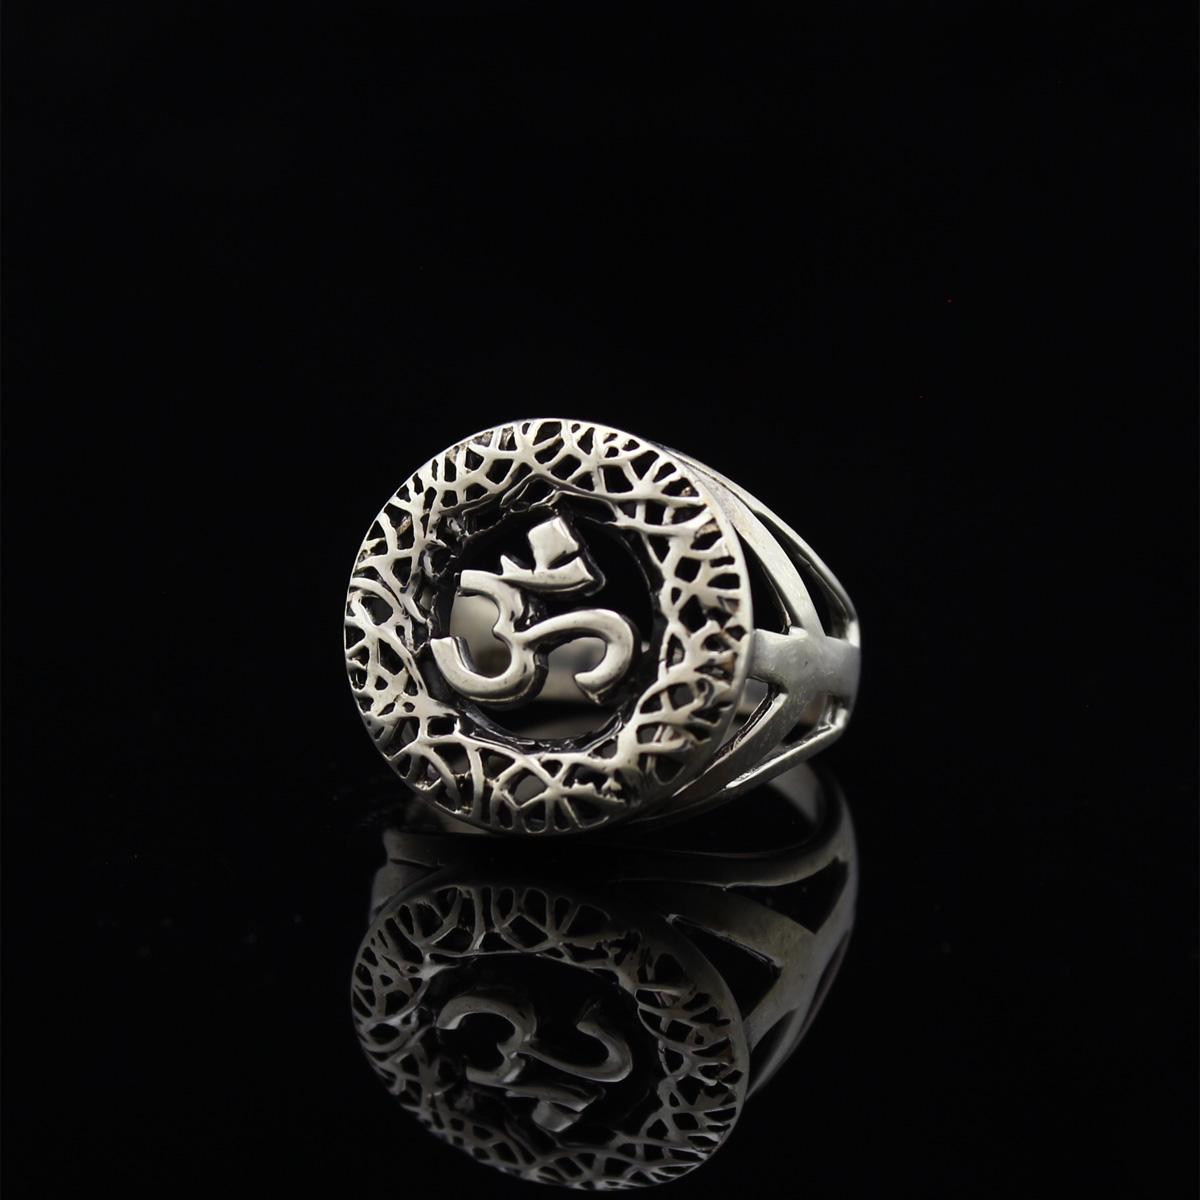 Кольцо, серебро, 5.29 г, проба 875, размер 18